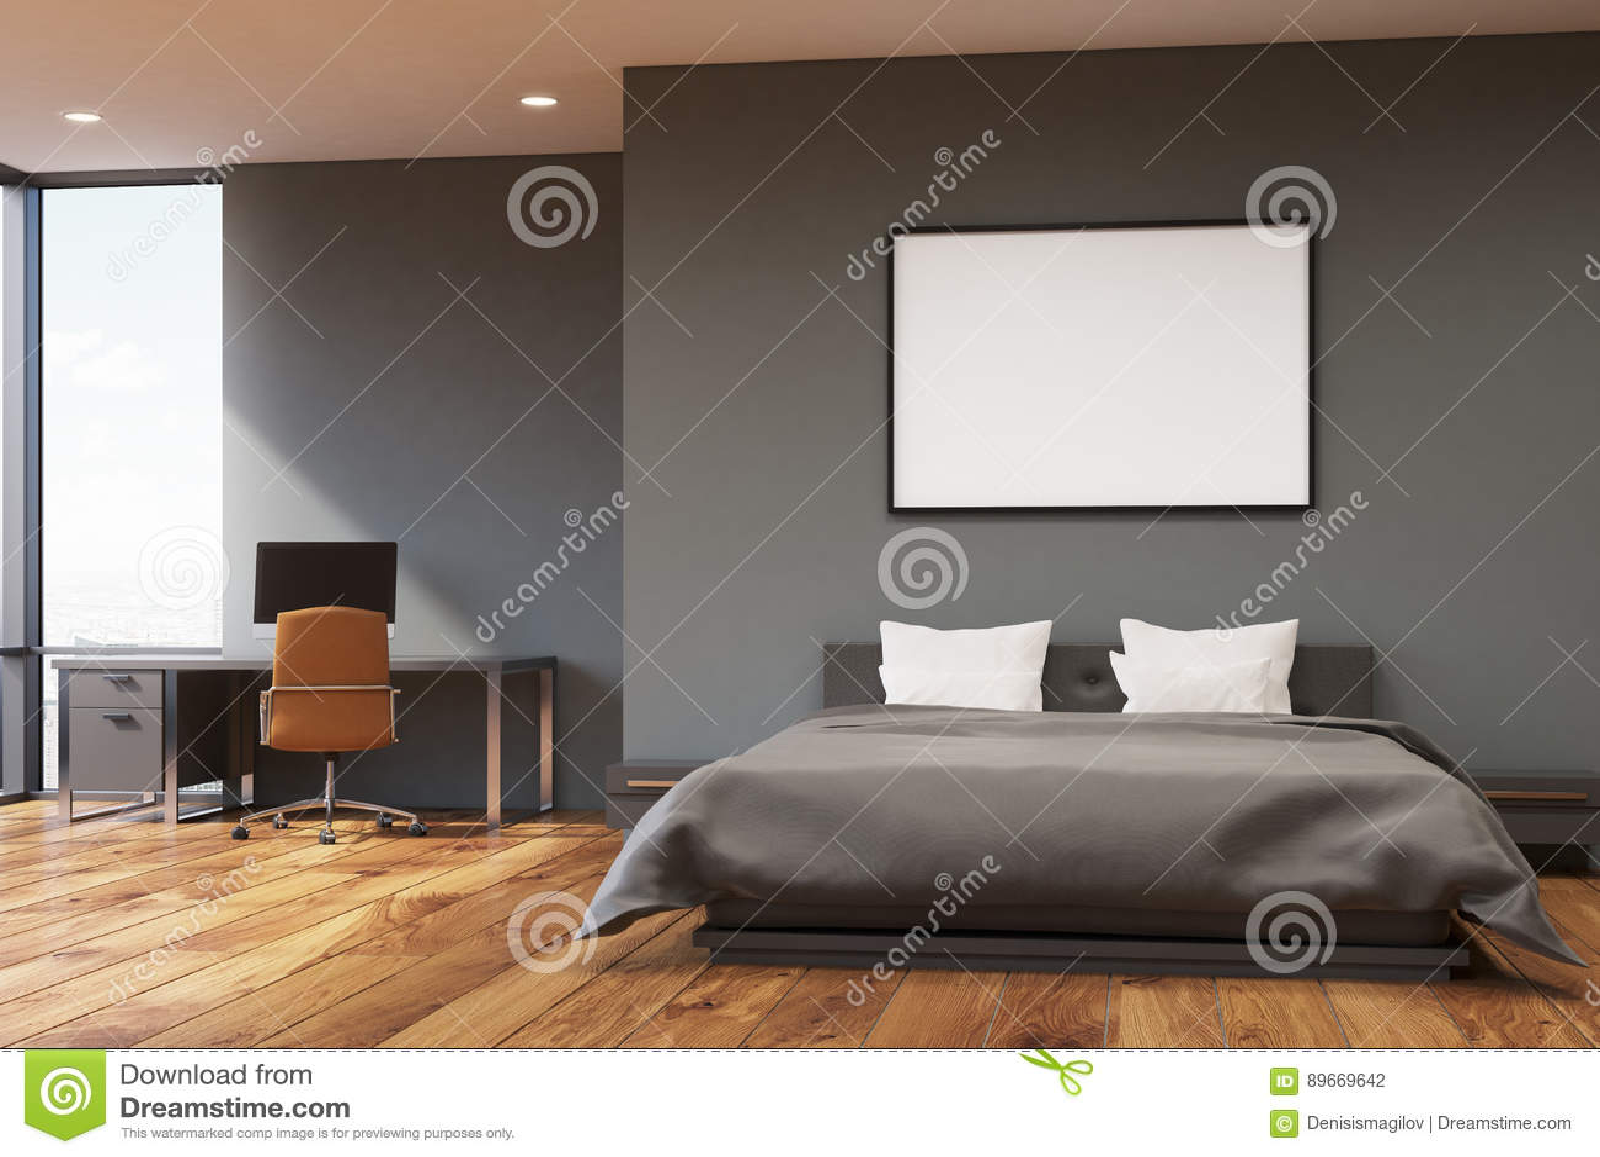 Letto Grigio Scuro : Camera da letto grigio scuro della parete anteriore illustrazione